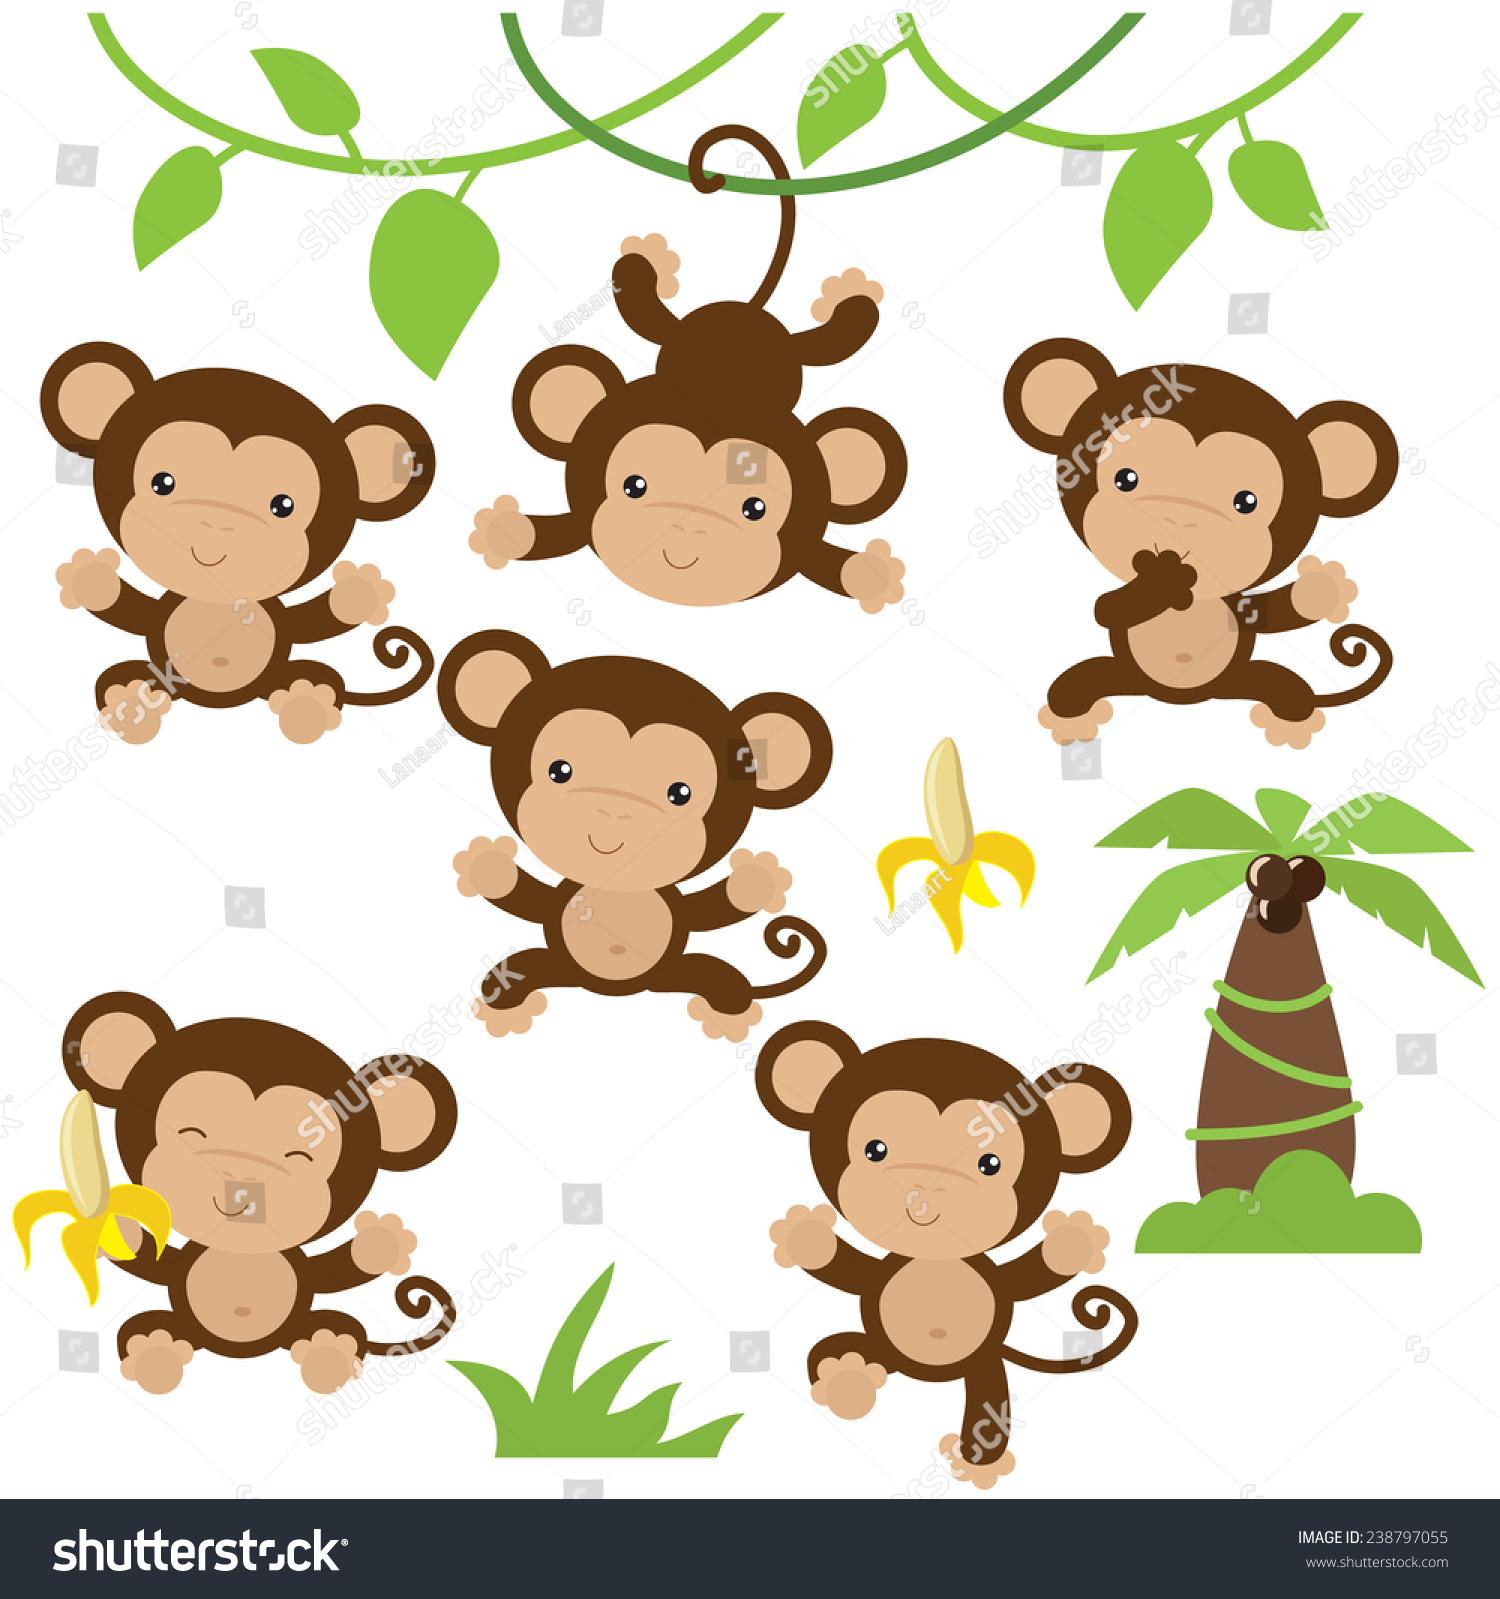 可爱的猴子矢量图-动物/野生生物-海洛创意(hellorf)